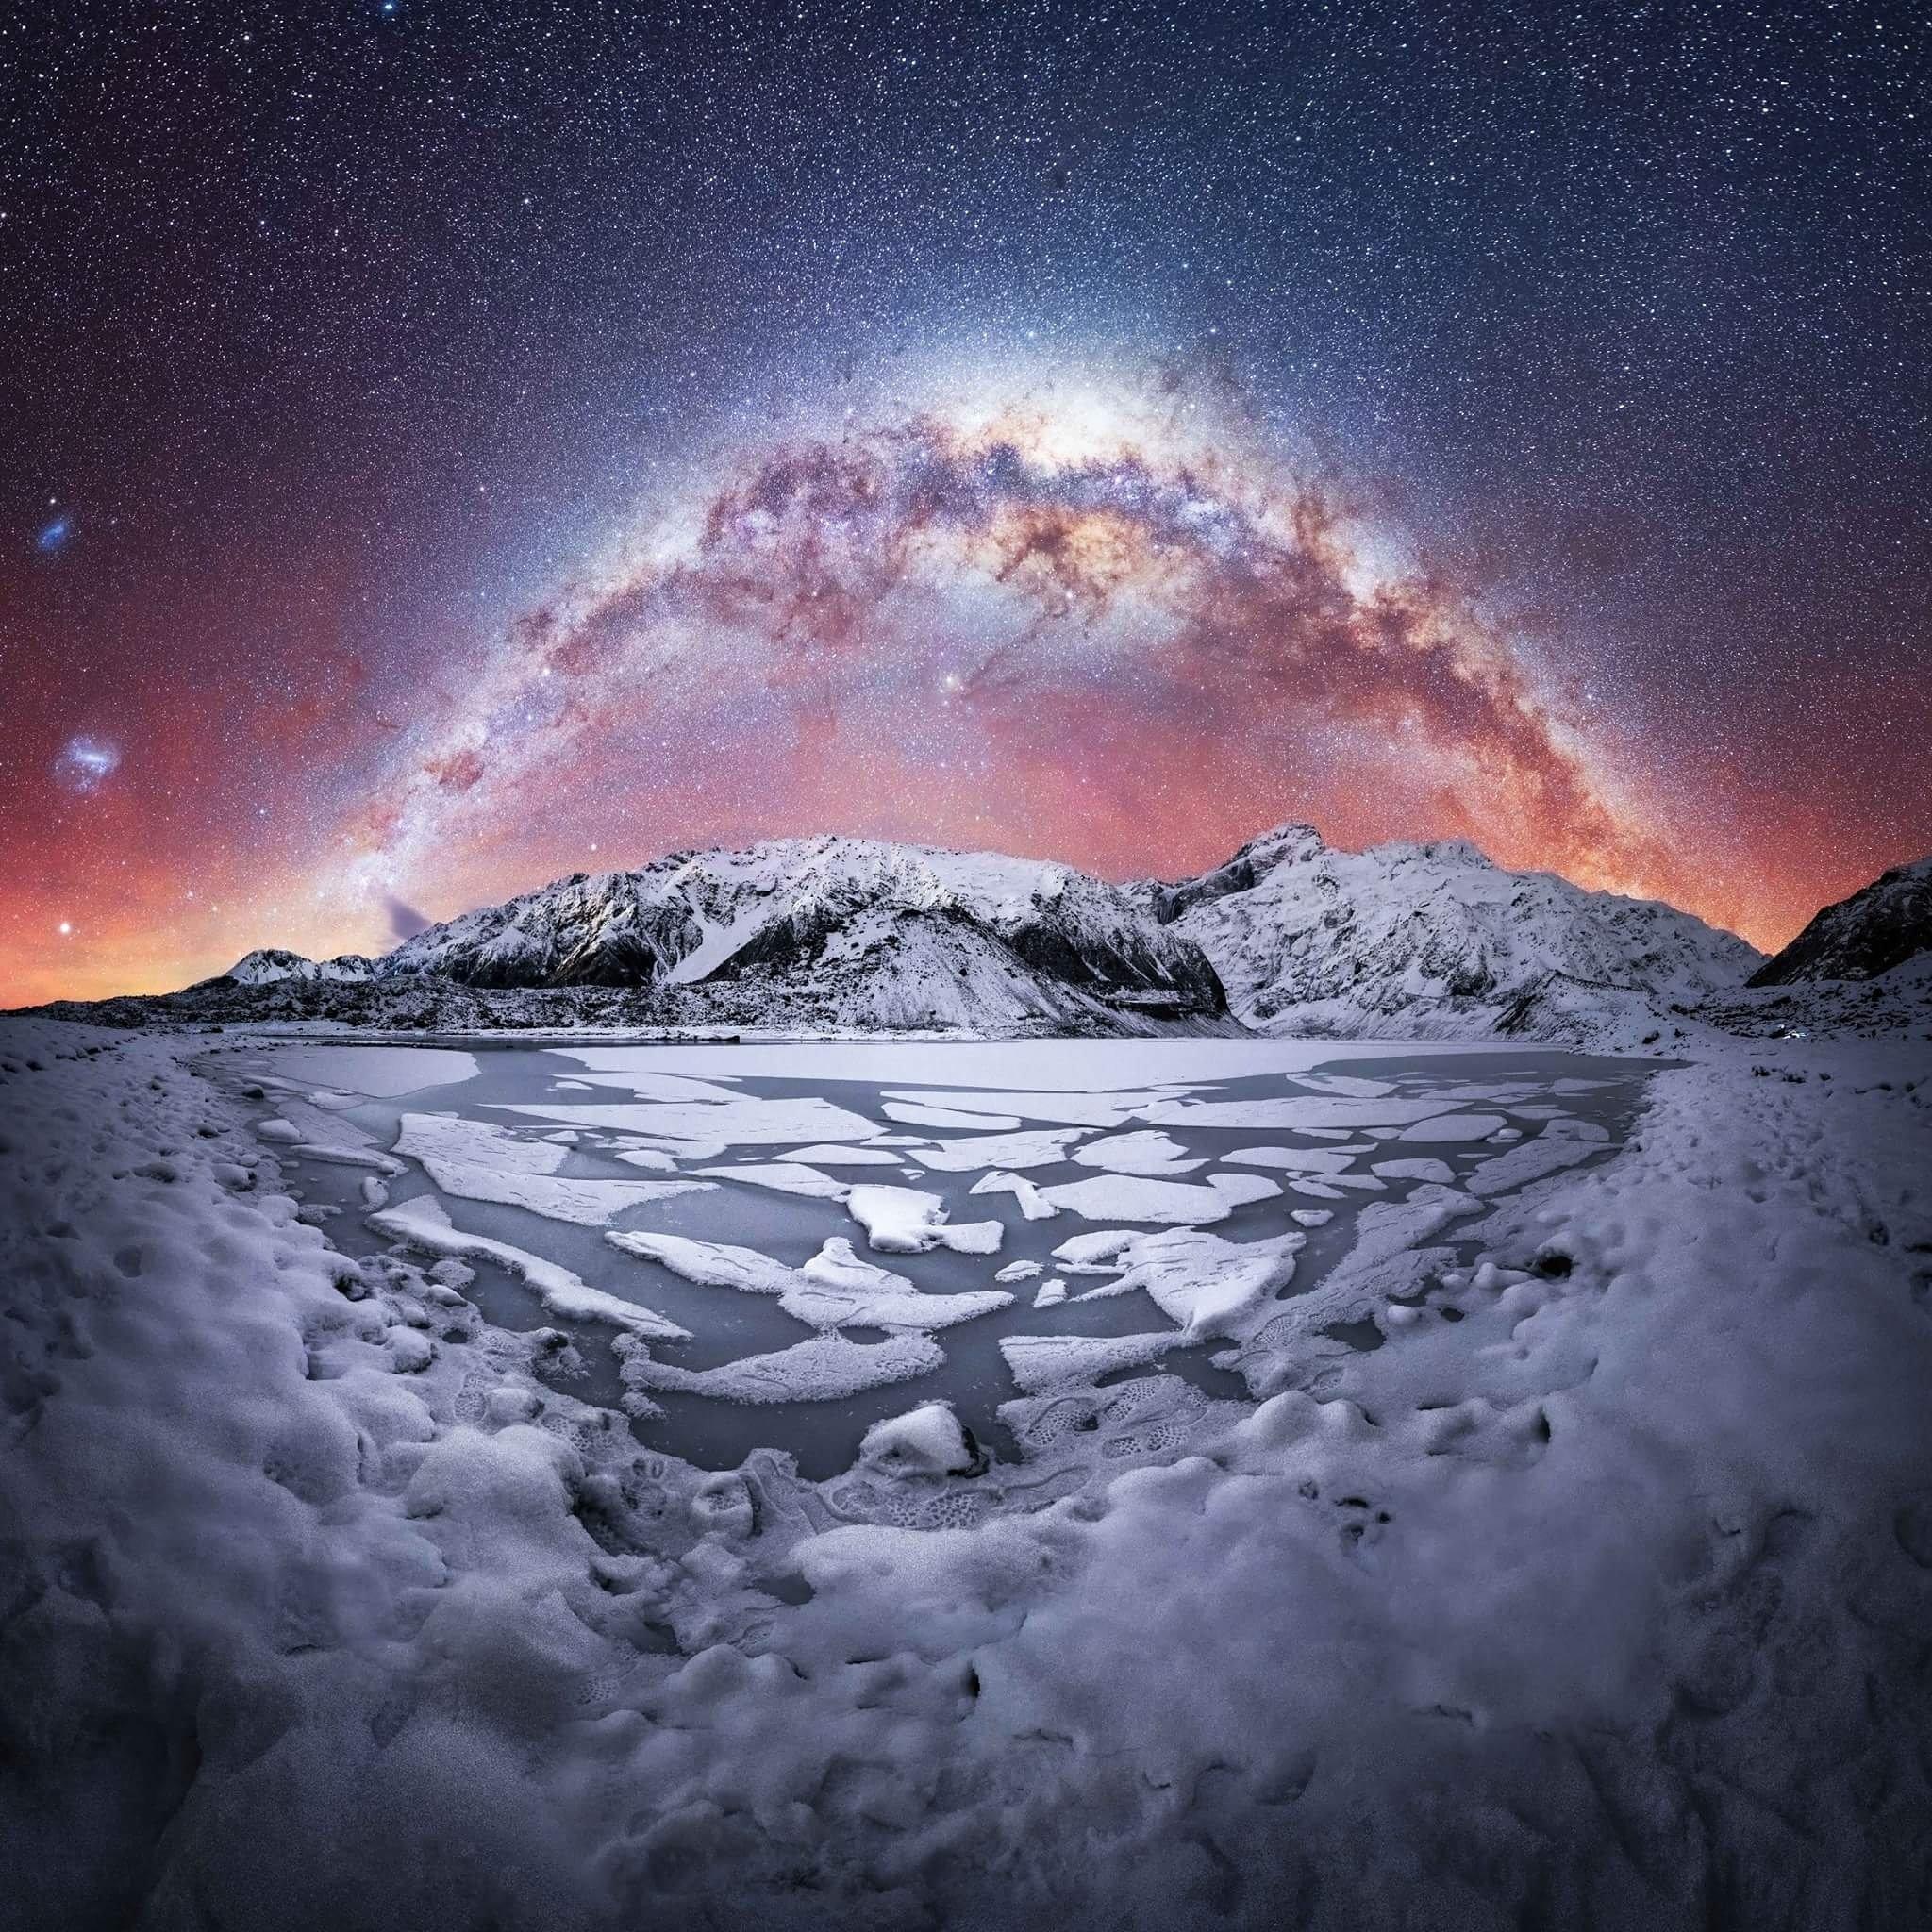 هتل میلیون ستاره در کوهستان